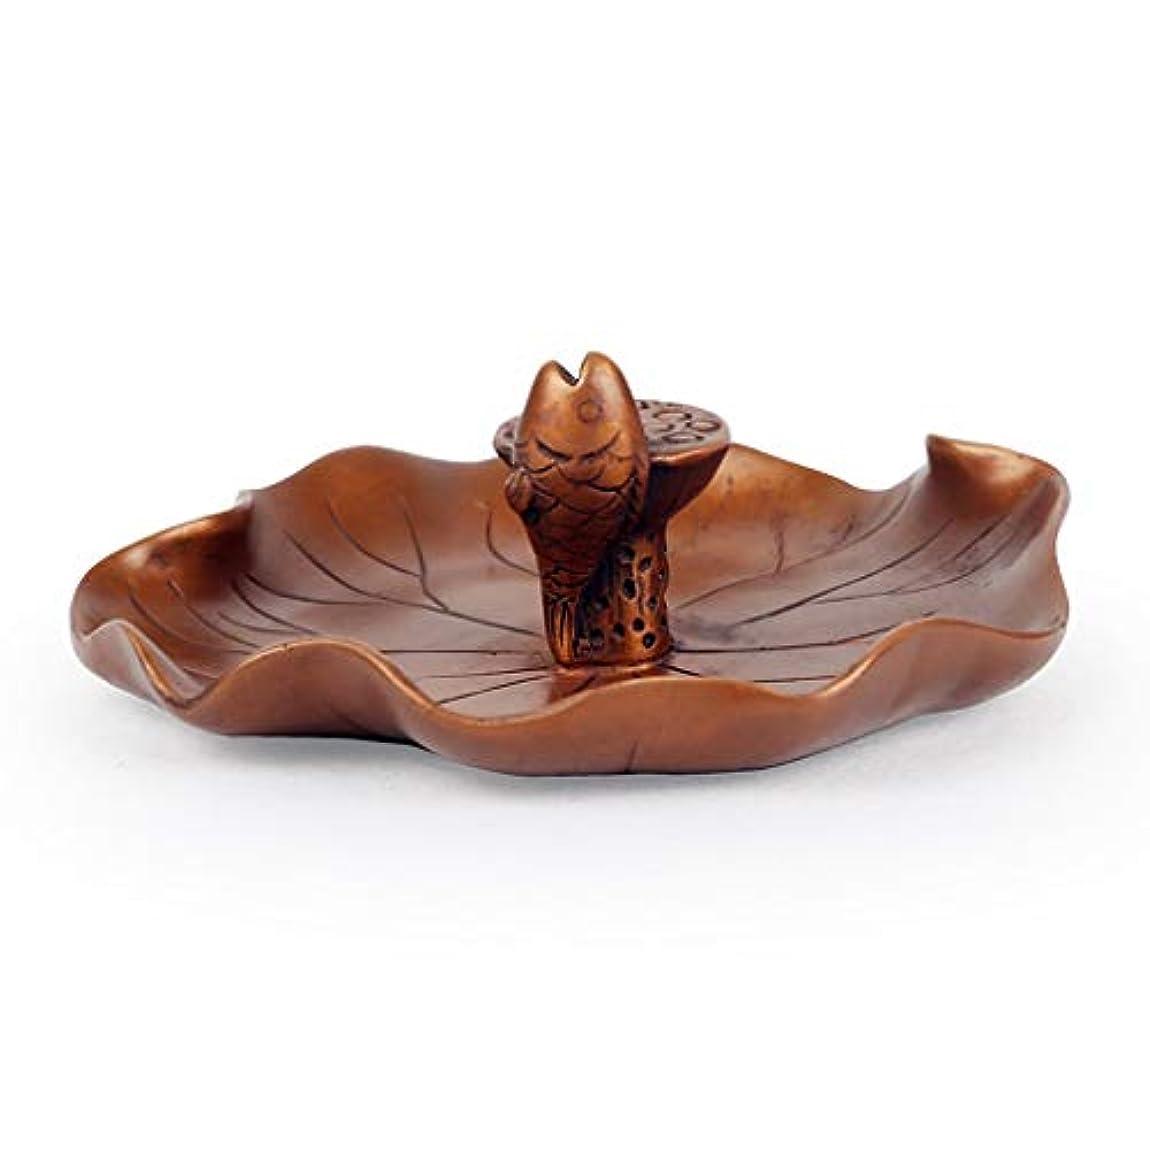 退化する行商人オート芳香器?アロマバーナー 還流香炉ホーム香りの良い禅禅ラッキー鑑賞新しいクリエイティブアガーウッド香バーナー装飾 アロマバーナー (Color : Brass)